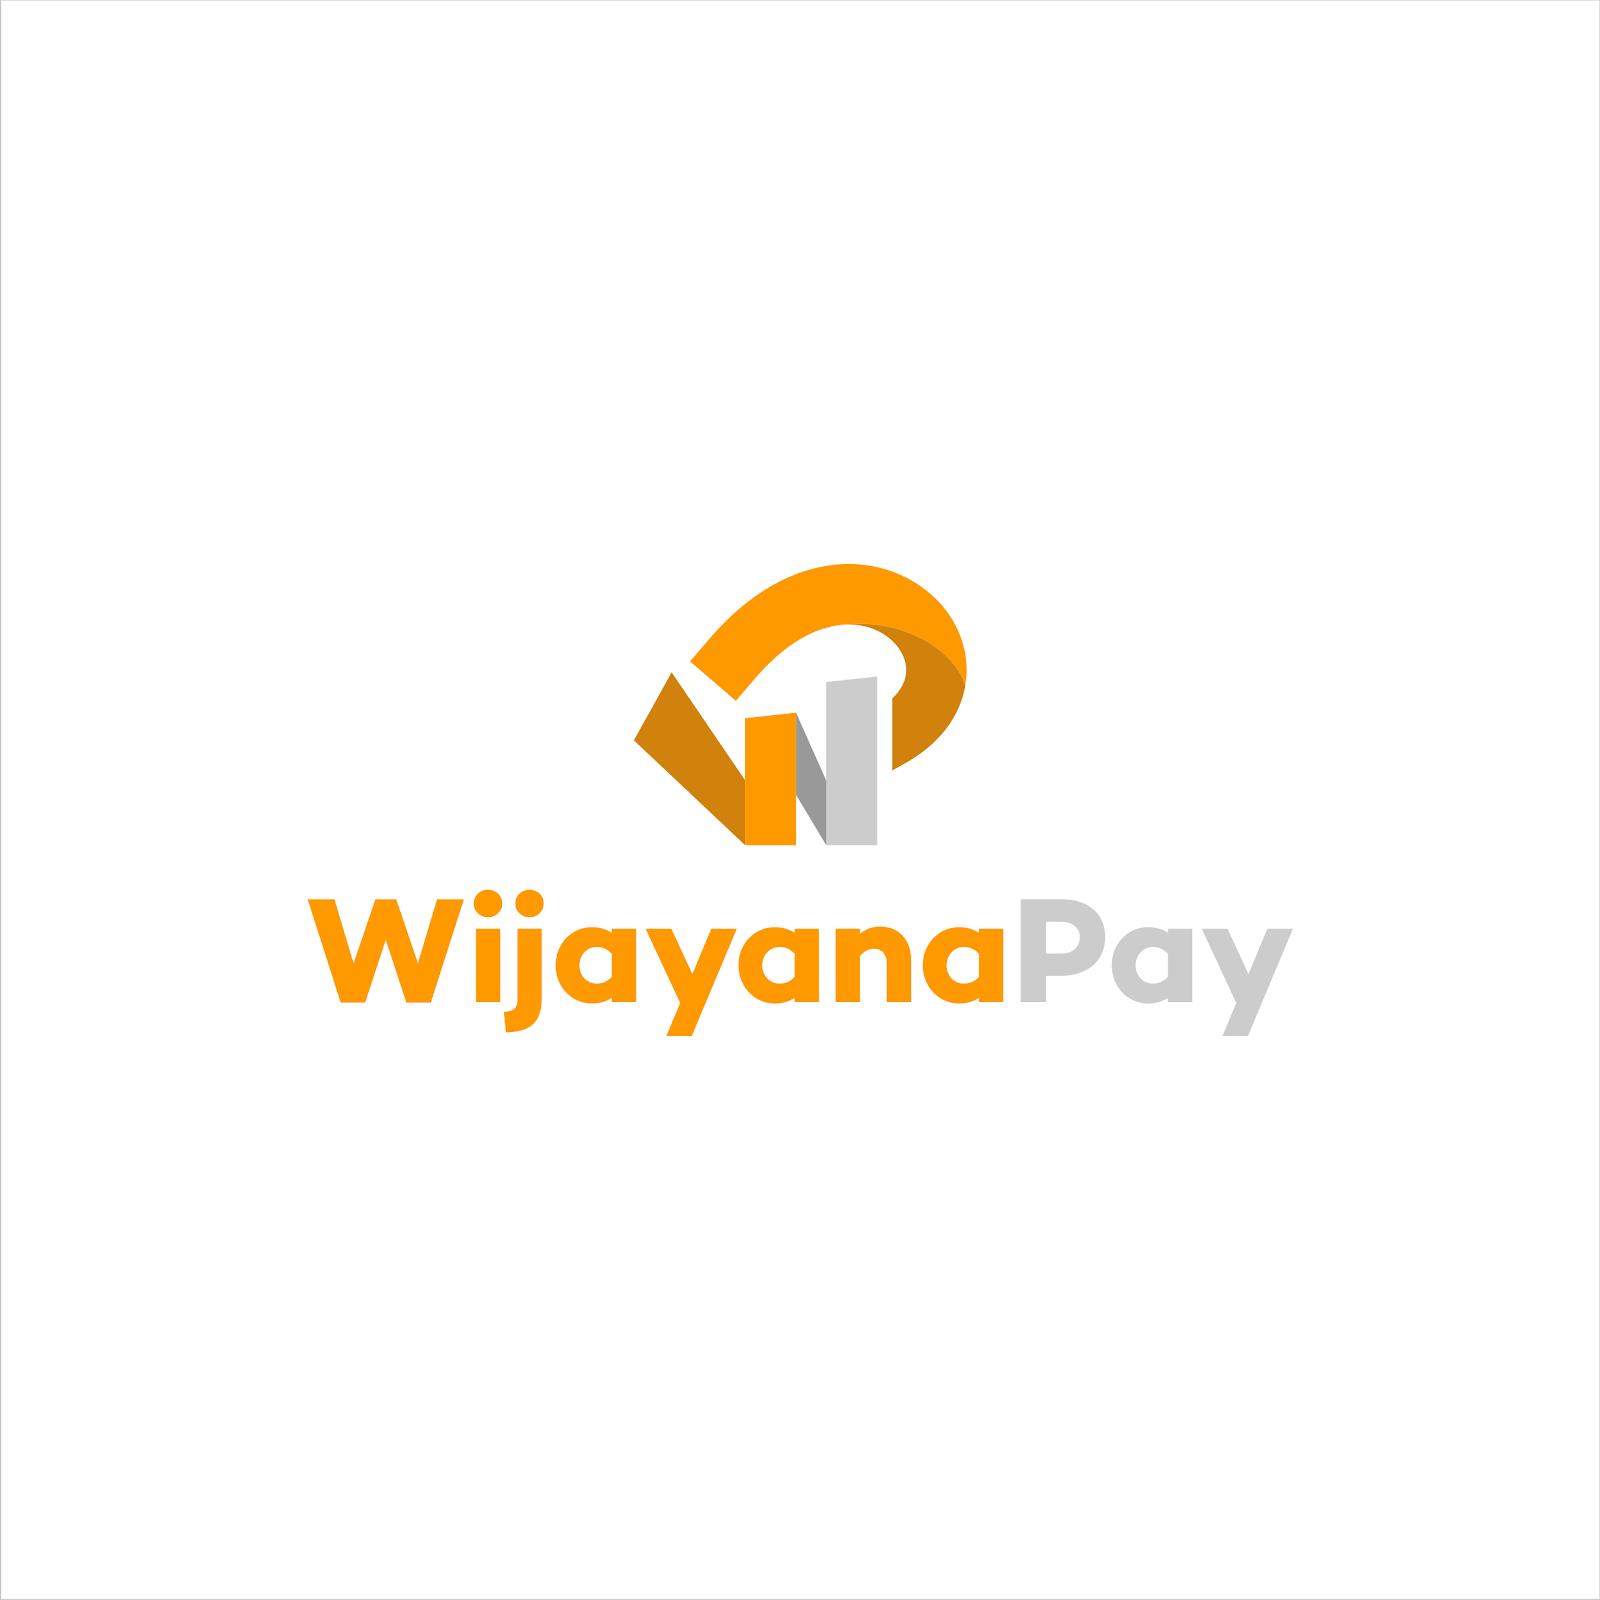 WijayanaPay